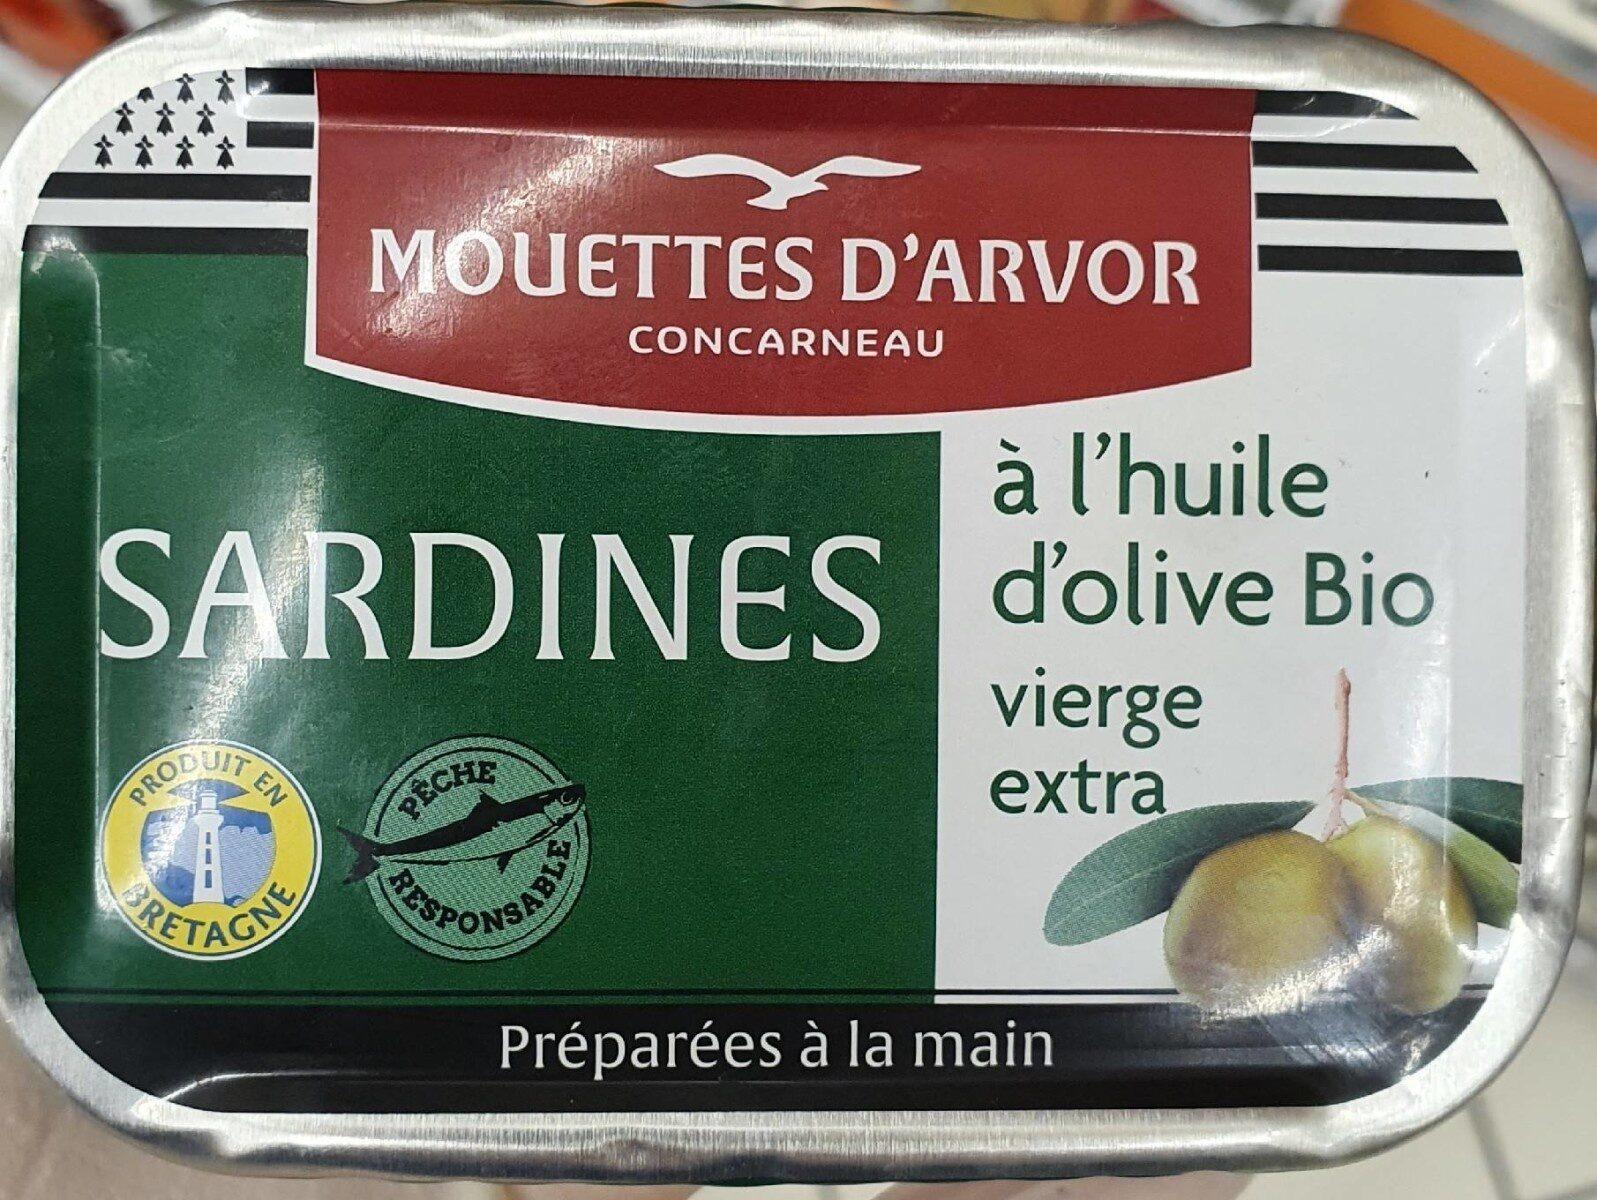 Sardines à l'huile d'olive Bio vierge extra - Produit - fr